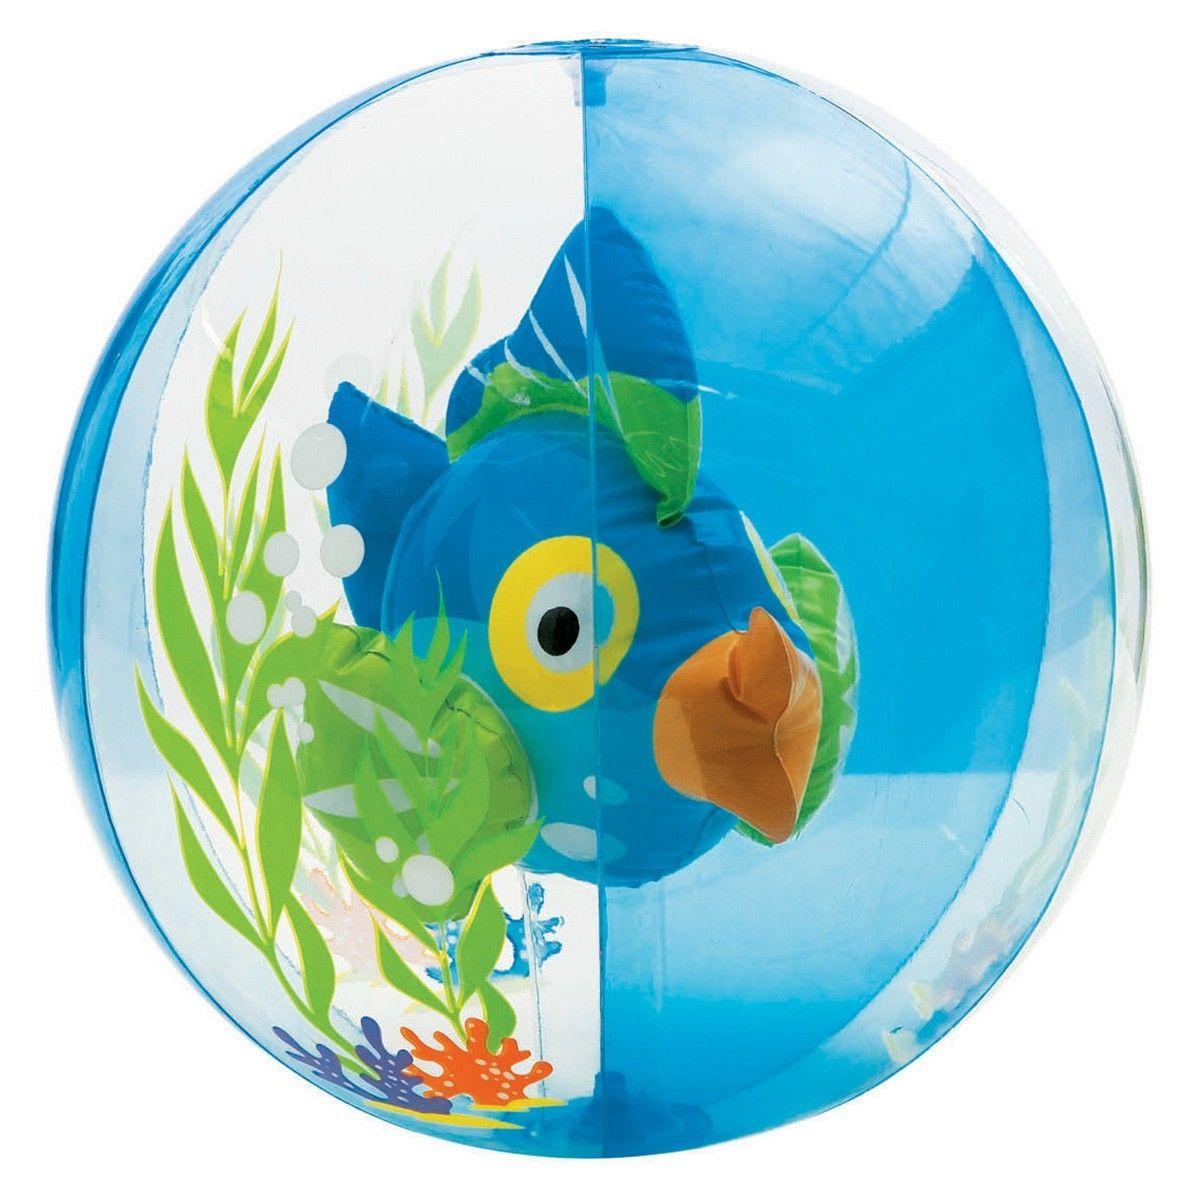 Aquarium beach ball